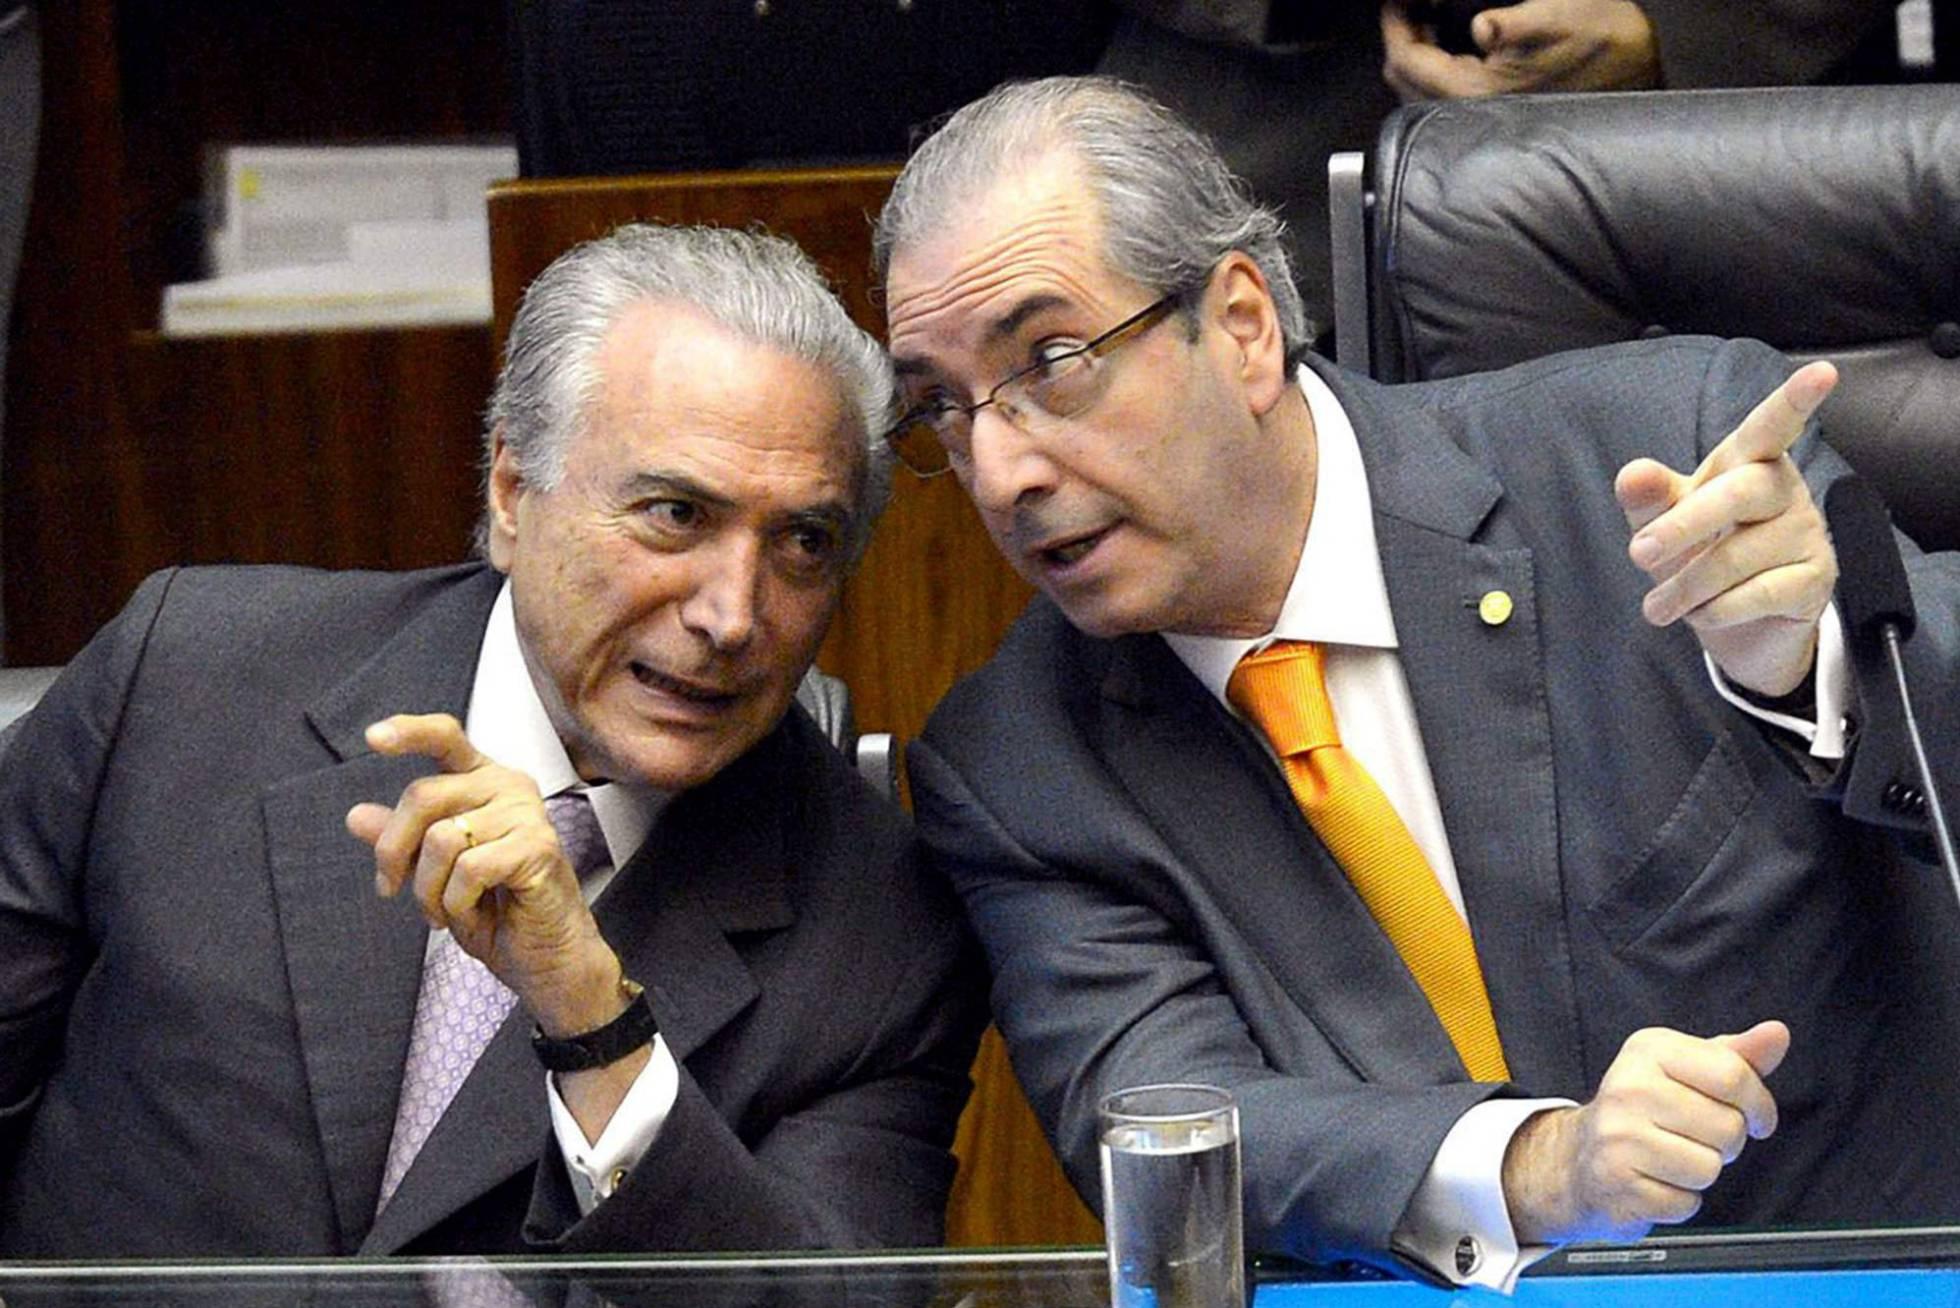 Parlamentarios piden impeachment de Temer y brasileños exigen elecciones